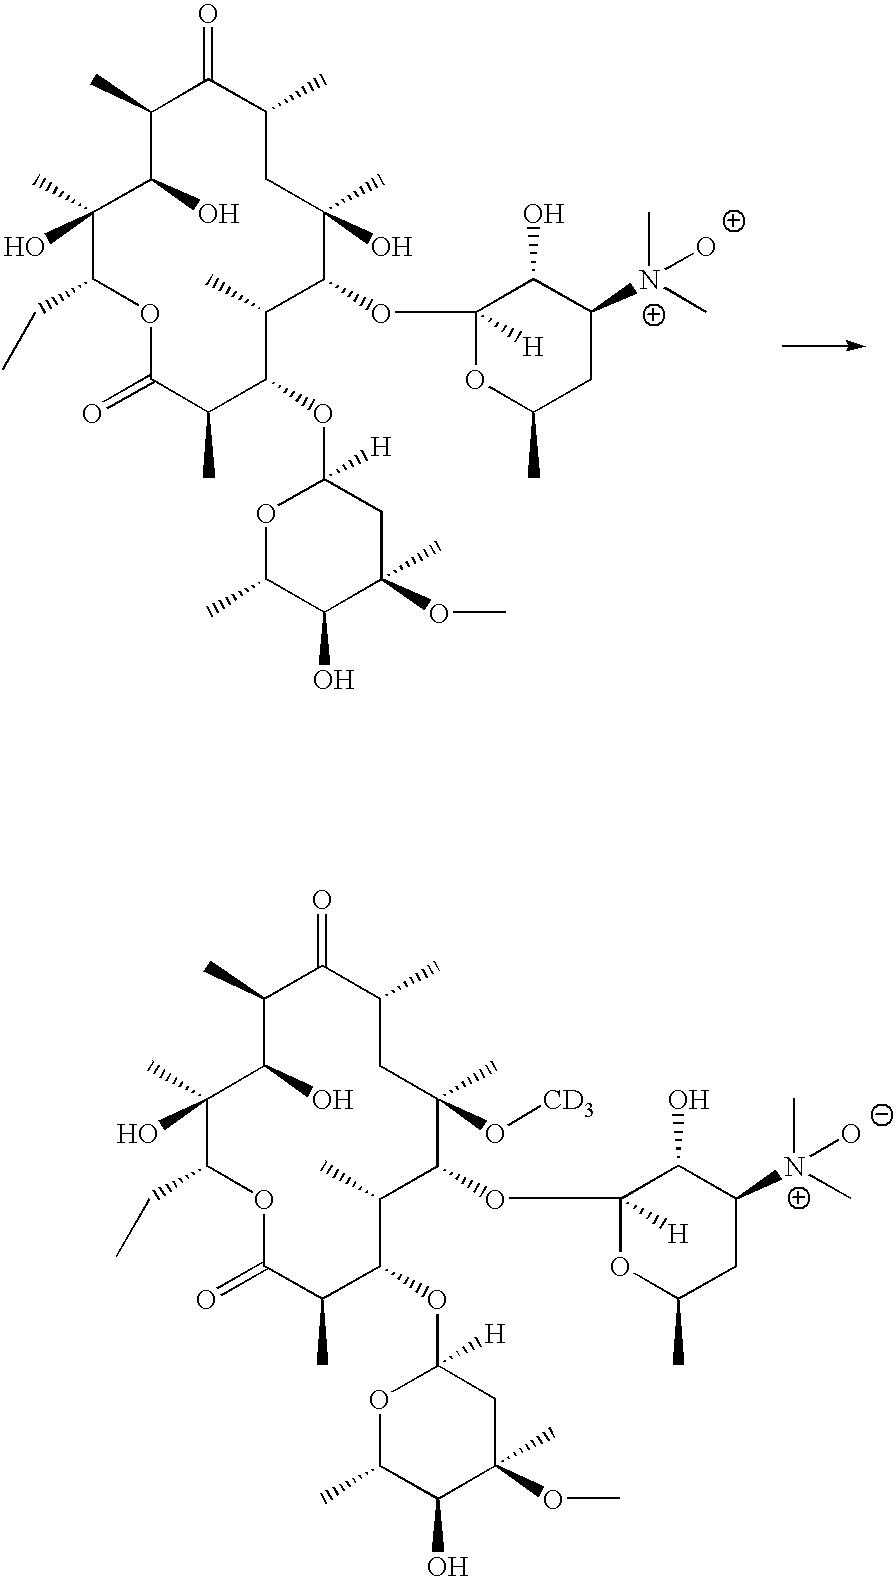 Figure US20070281894A1-20071206-C00036